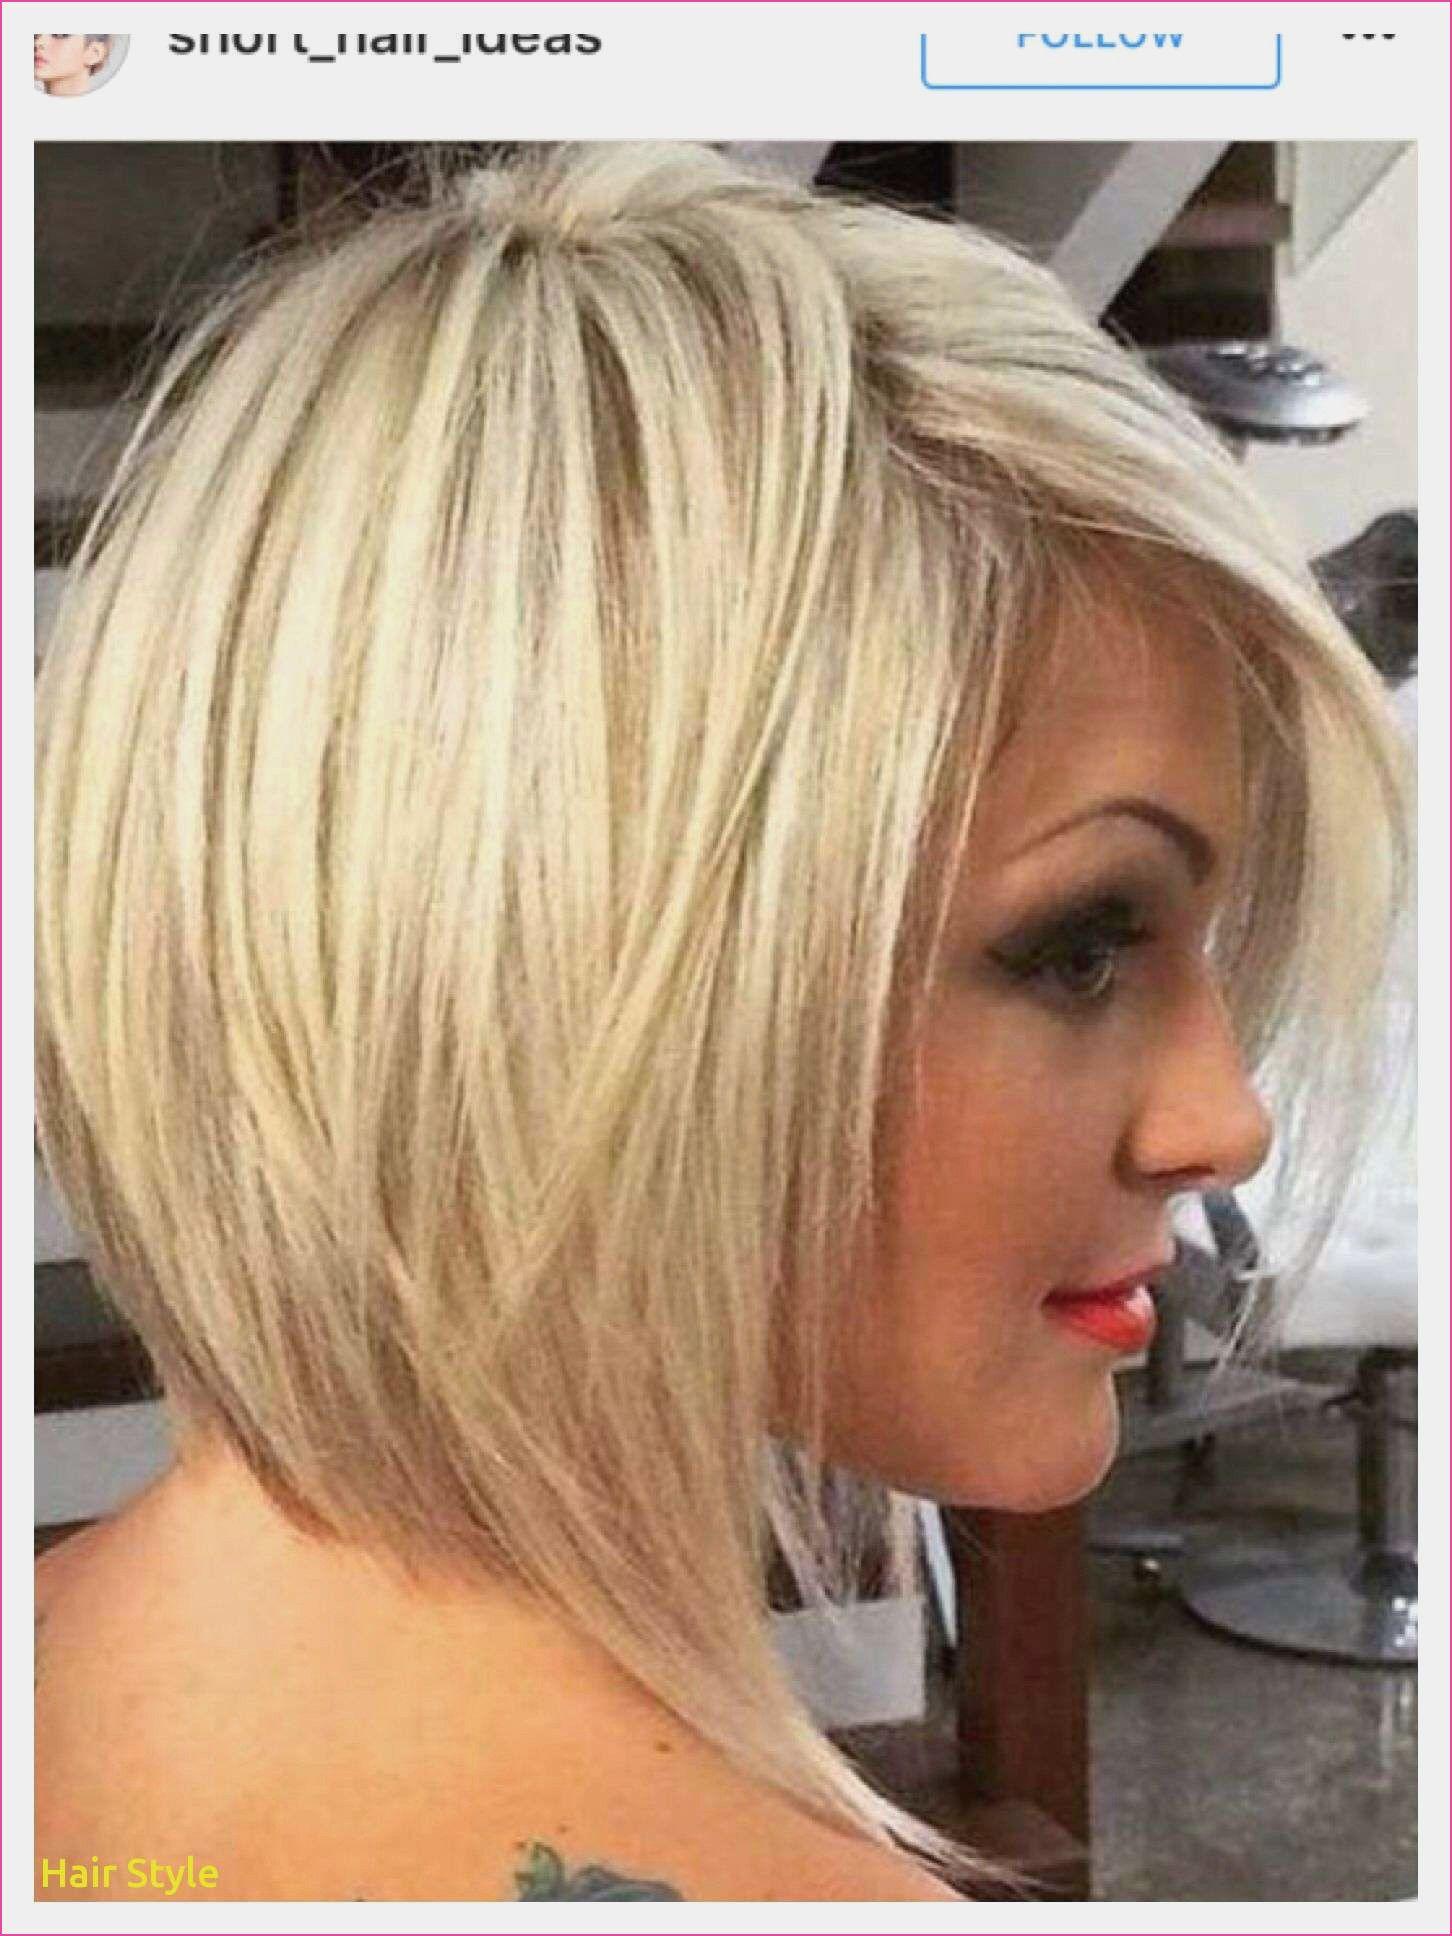 Mittellange Frisuren 2019 Blond In 2020 Bob Frisur Mittellange Haare Frisuren Einfach Bob Frisur Neu